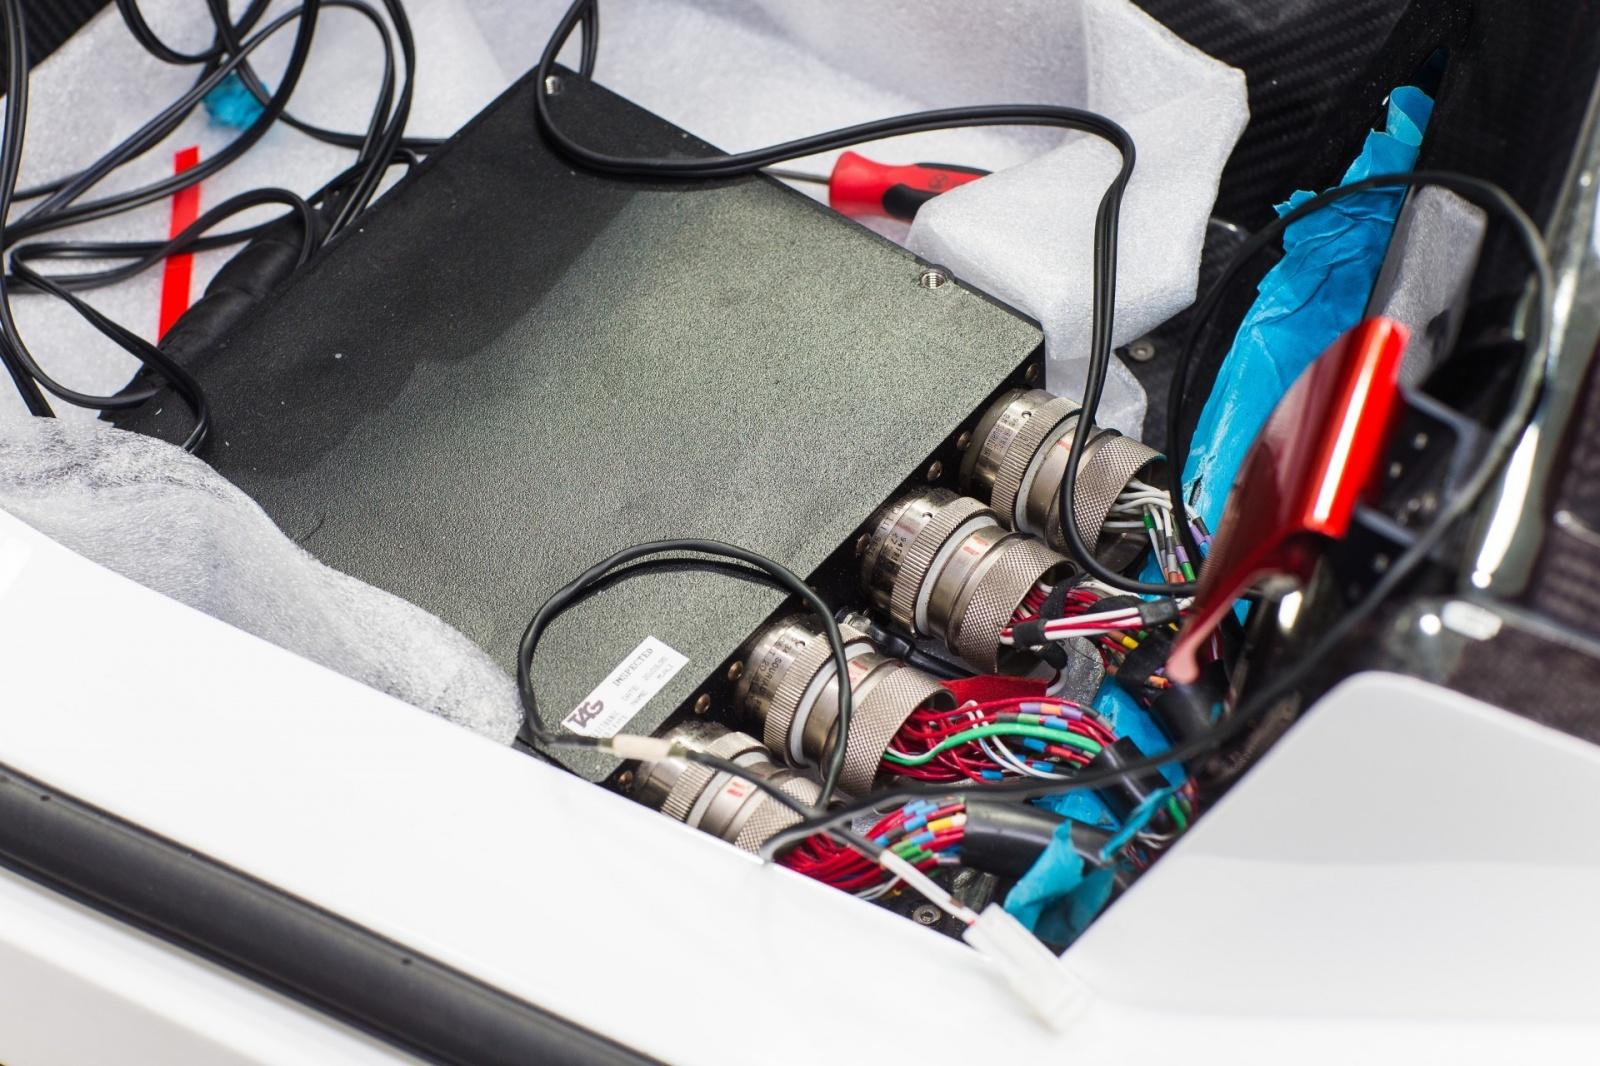 Древний ноутбук Compaq — единственный ключ к суперкару McLaren F1 - 6